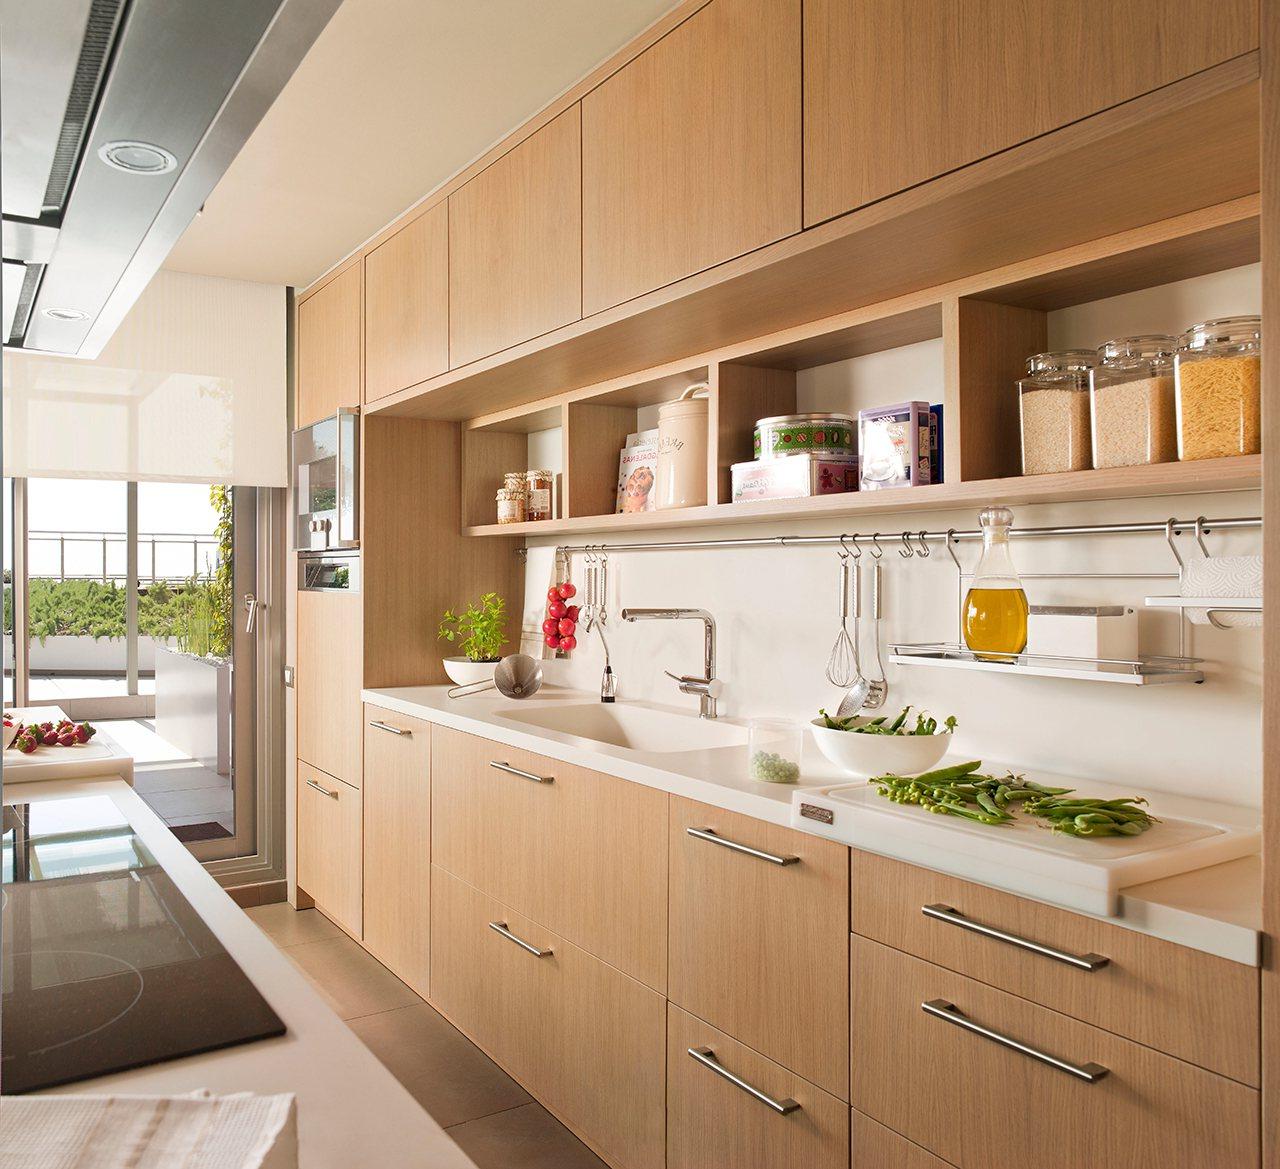 Muebles Cocina Fondo Reducido H9d9 Ideas Para Aprovechar El Espacio En Las Cocinas Pequeà as